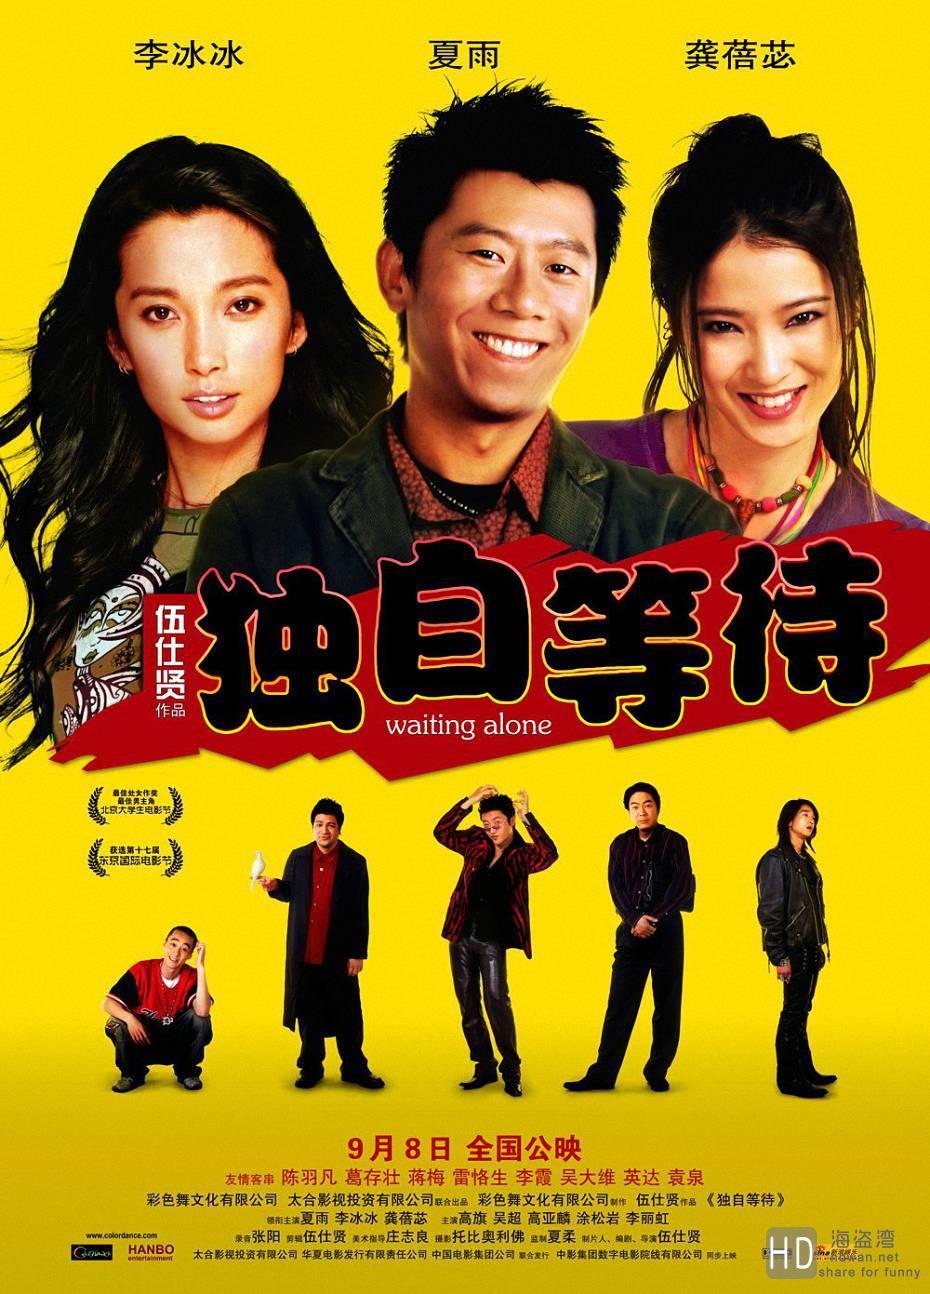 [2005][大陆][剧情/爱情/喜剧][独自等待][1280P]